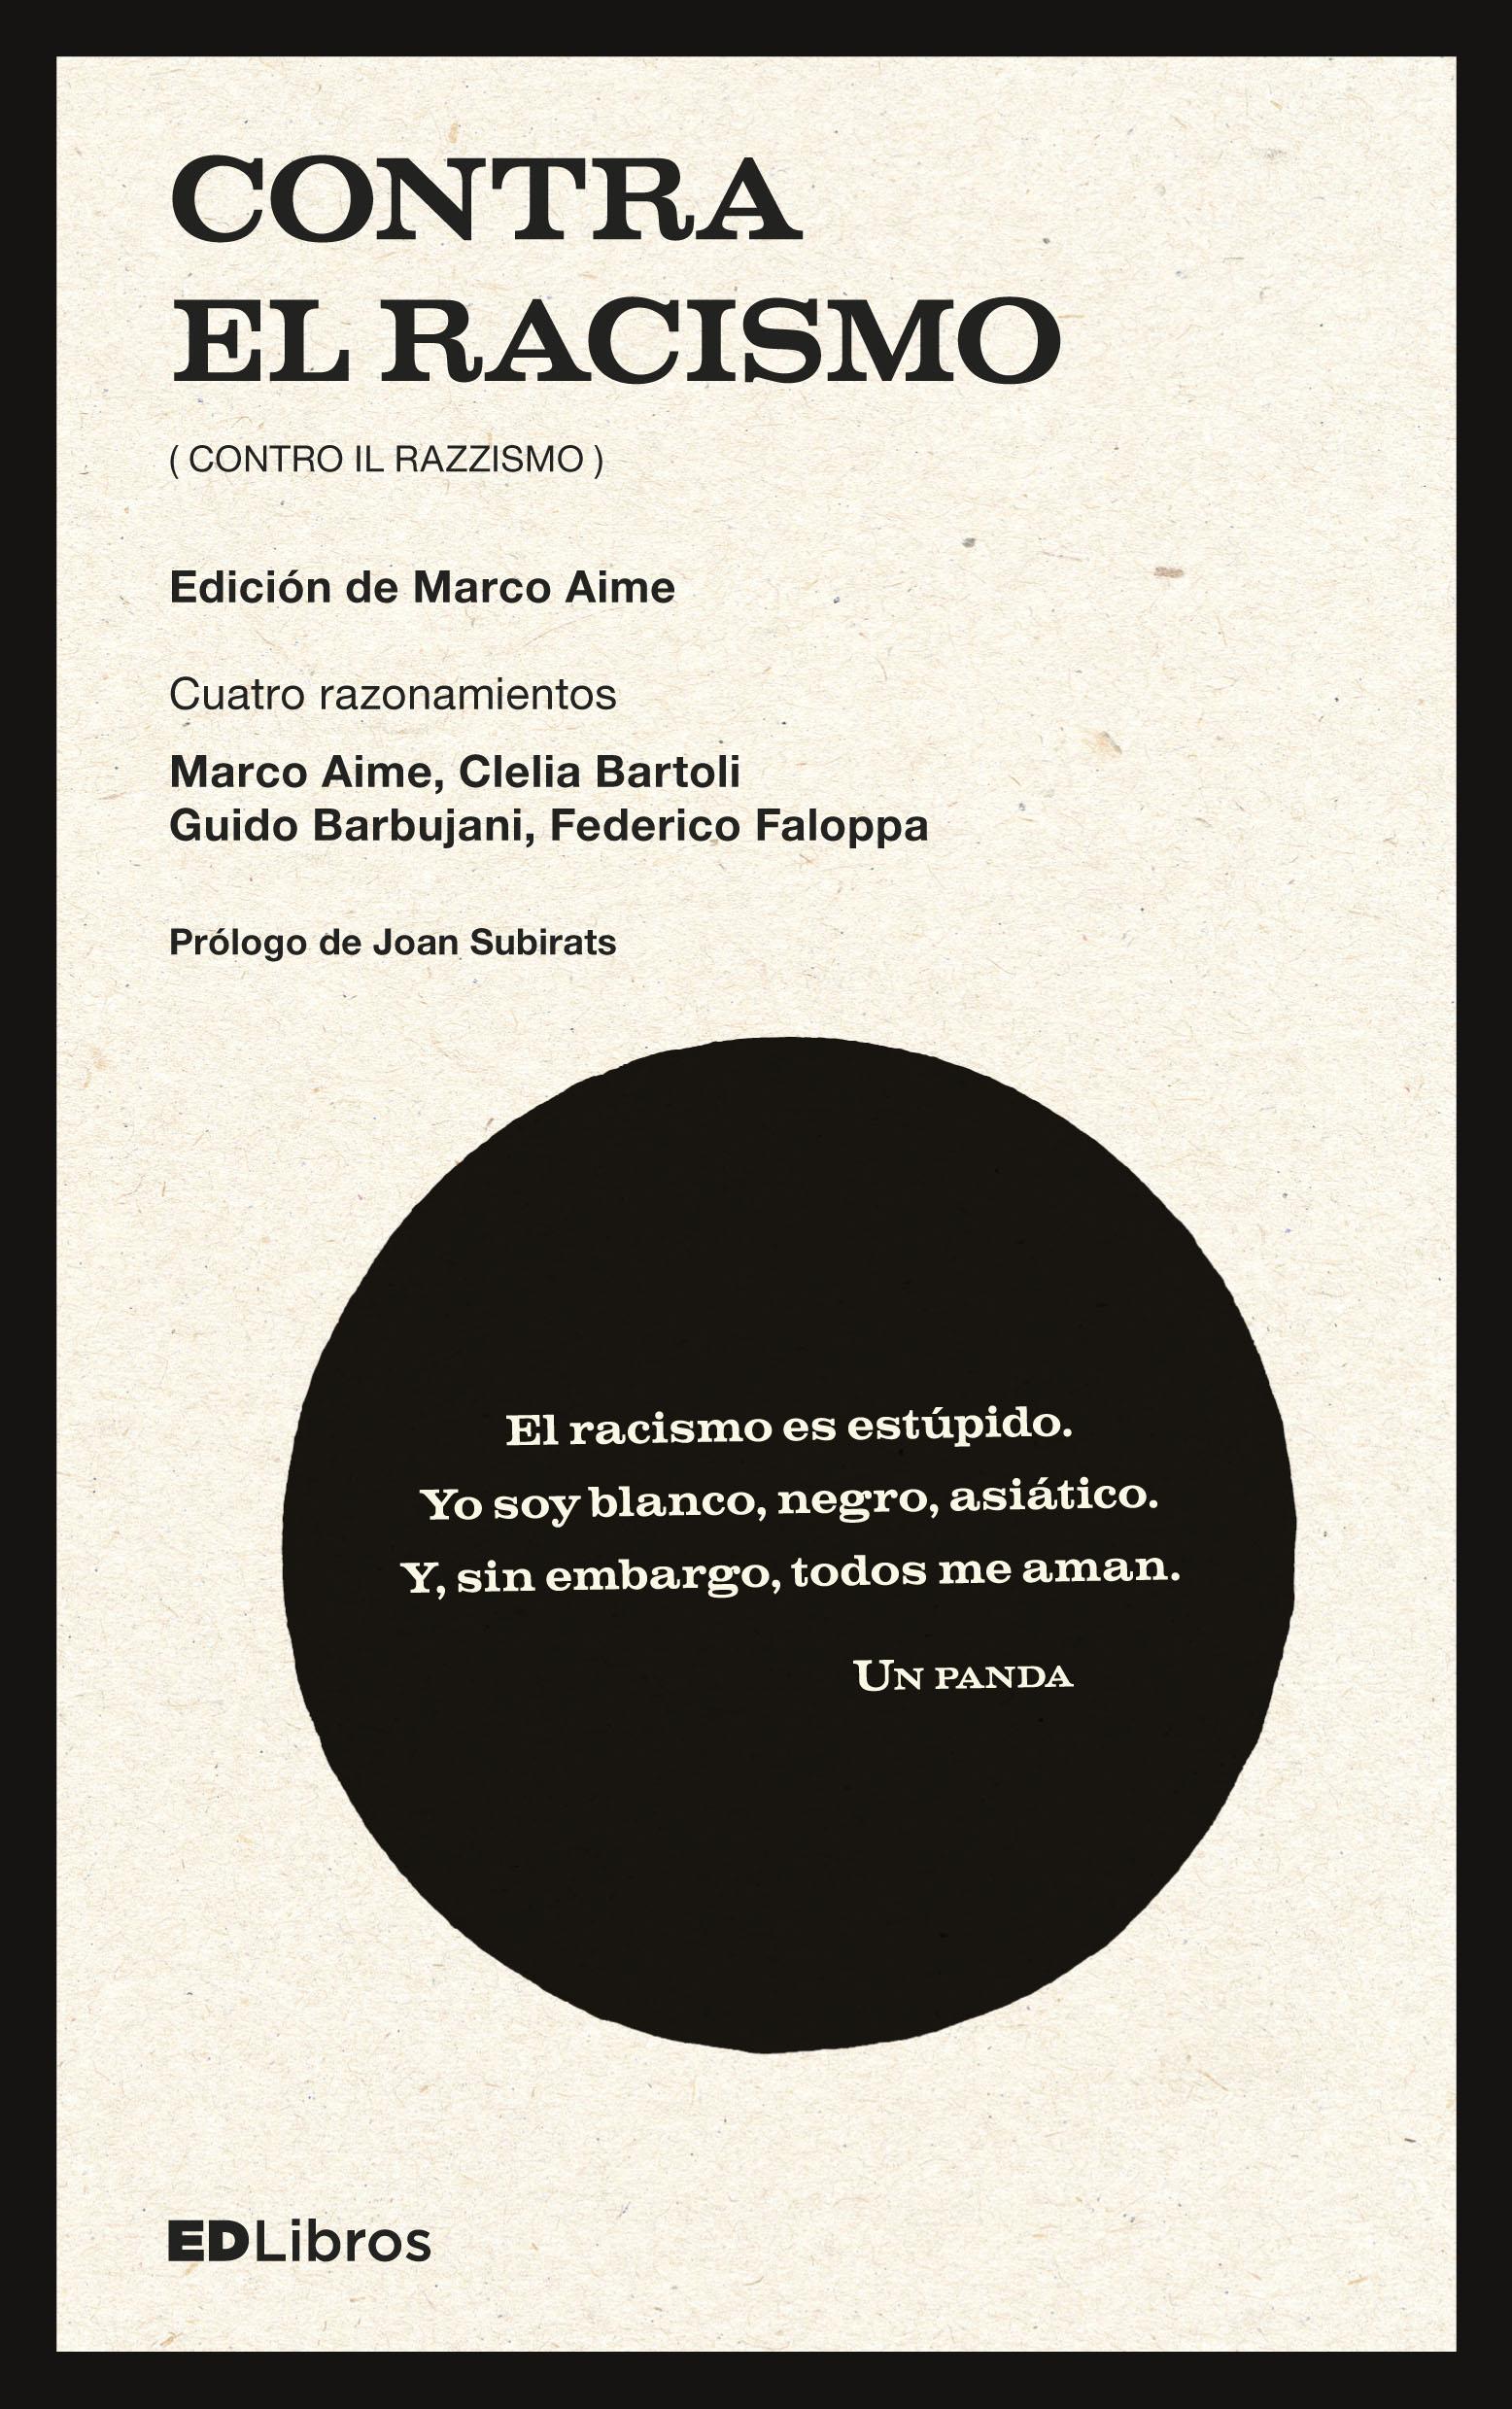 Contra el racismo 132X210 (O).indd